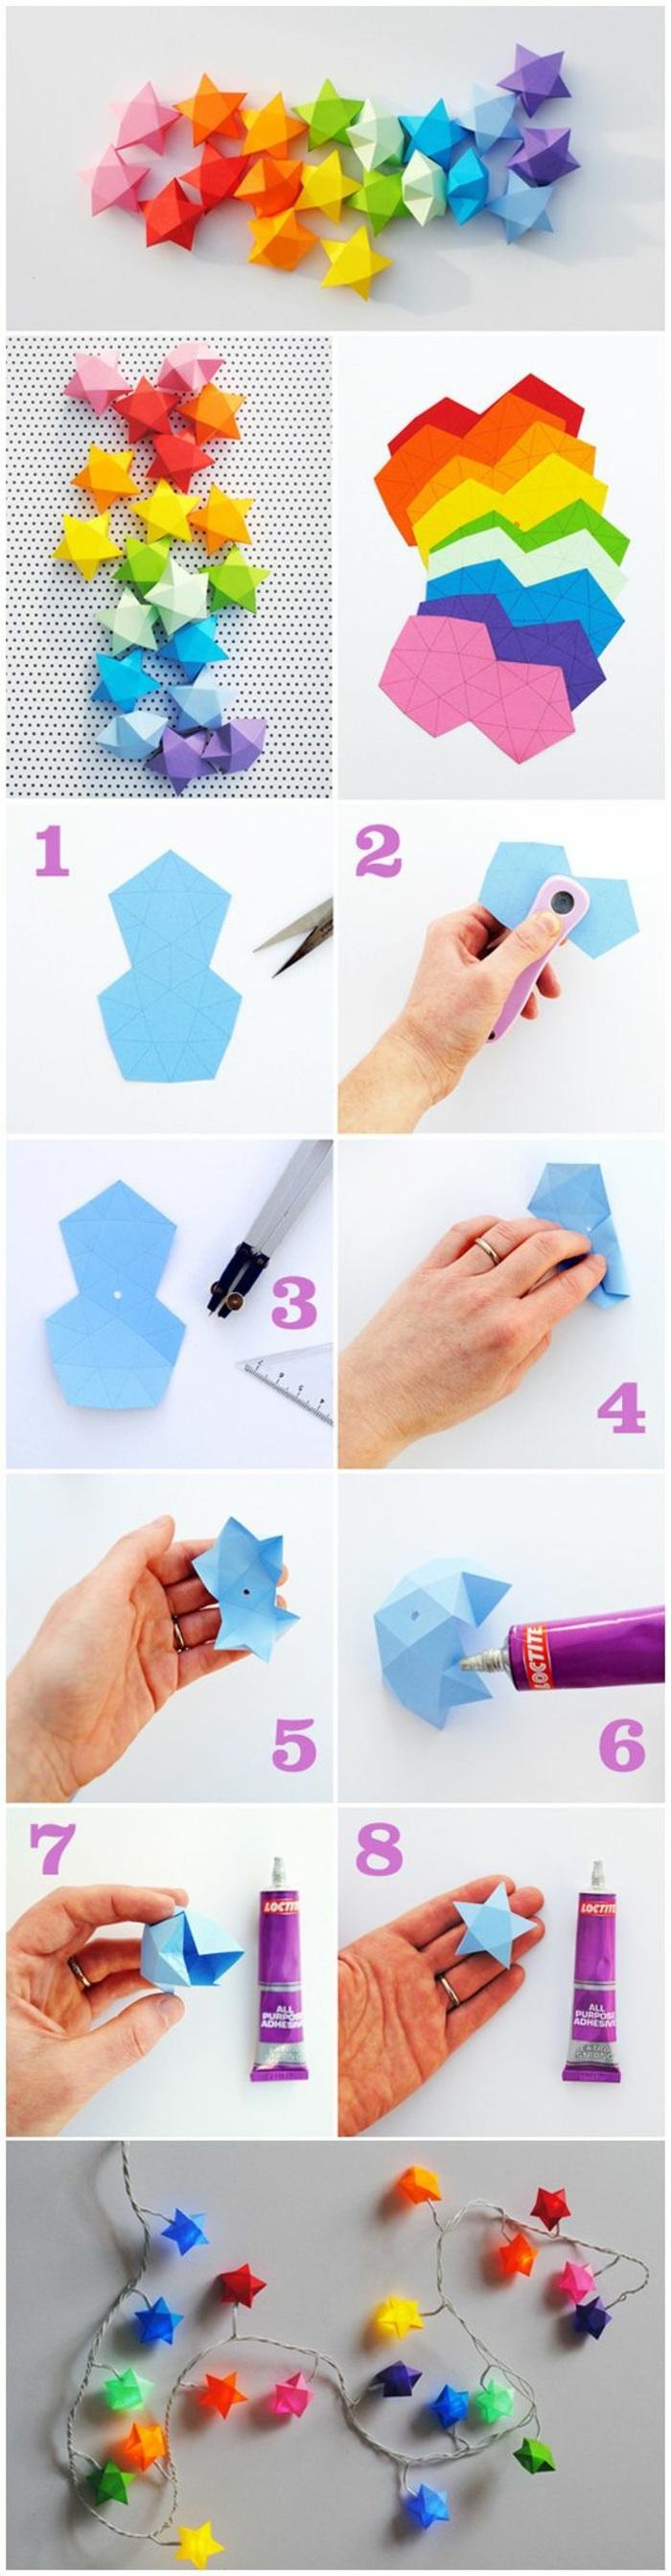 esempio di lavoretti da fare con i bambini, i vari passaggi per realizzare delle stelle di carta